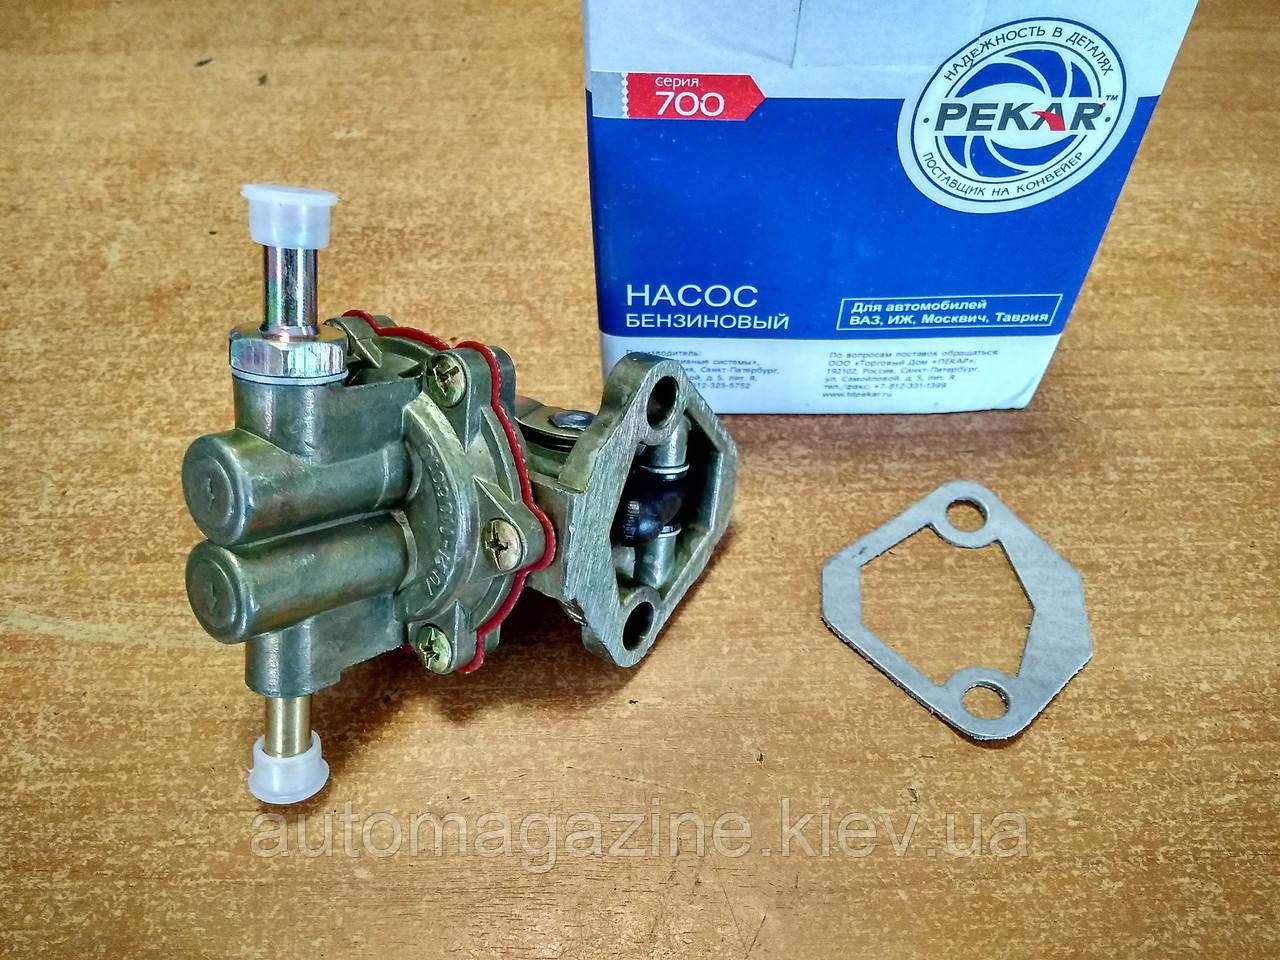 Насос топливный ВАЗ 2108 - 2109 (Pekar)